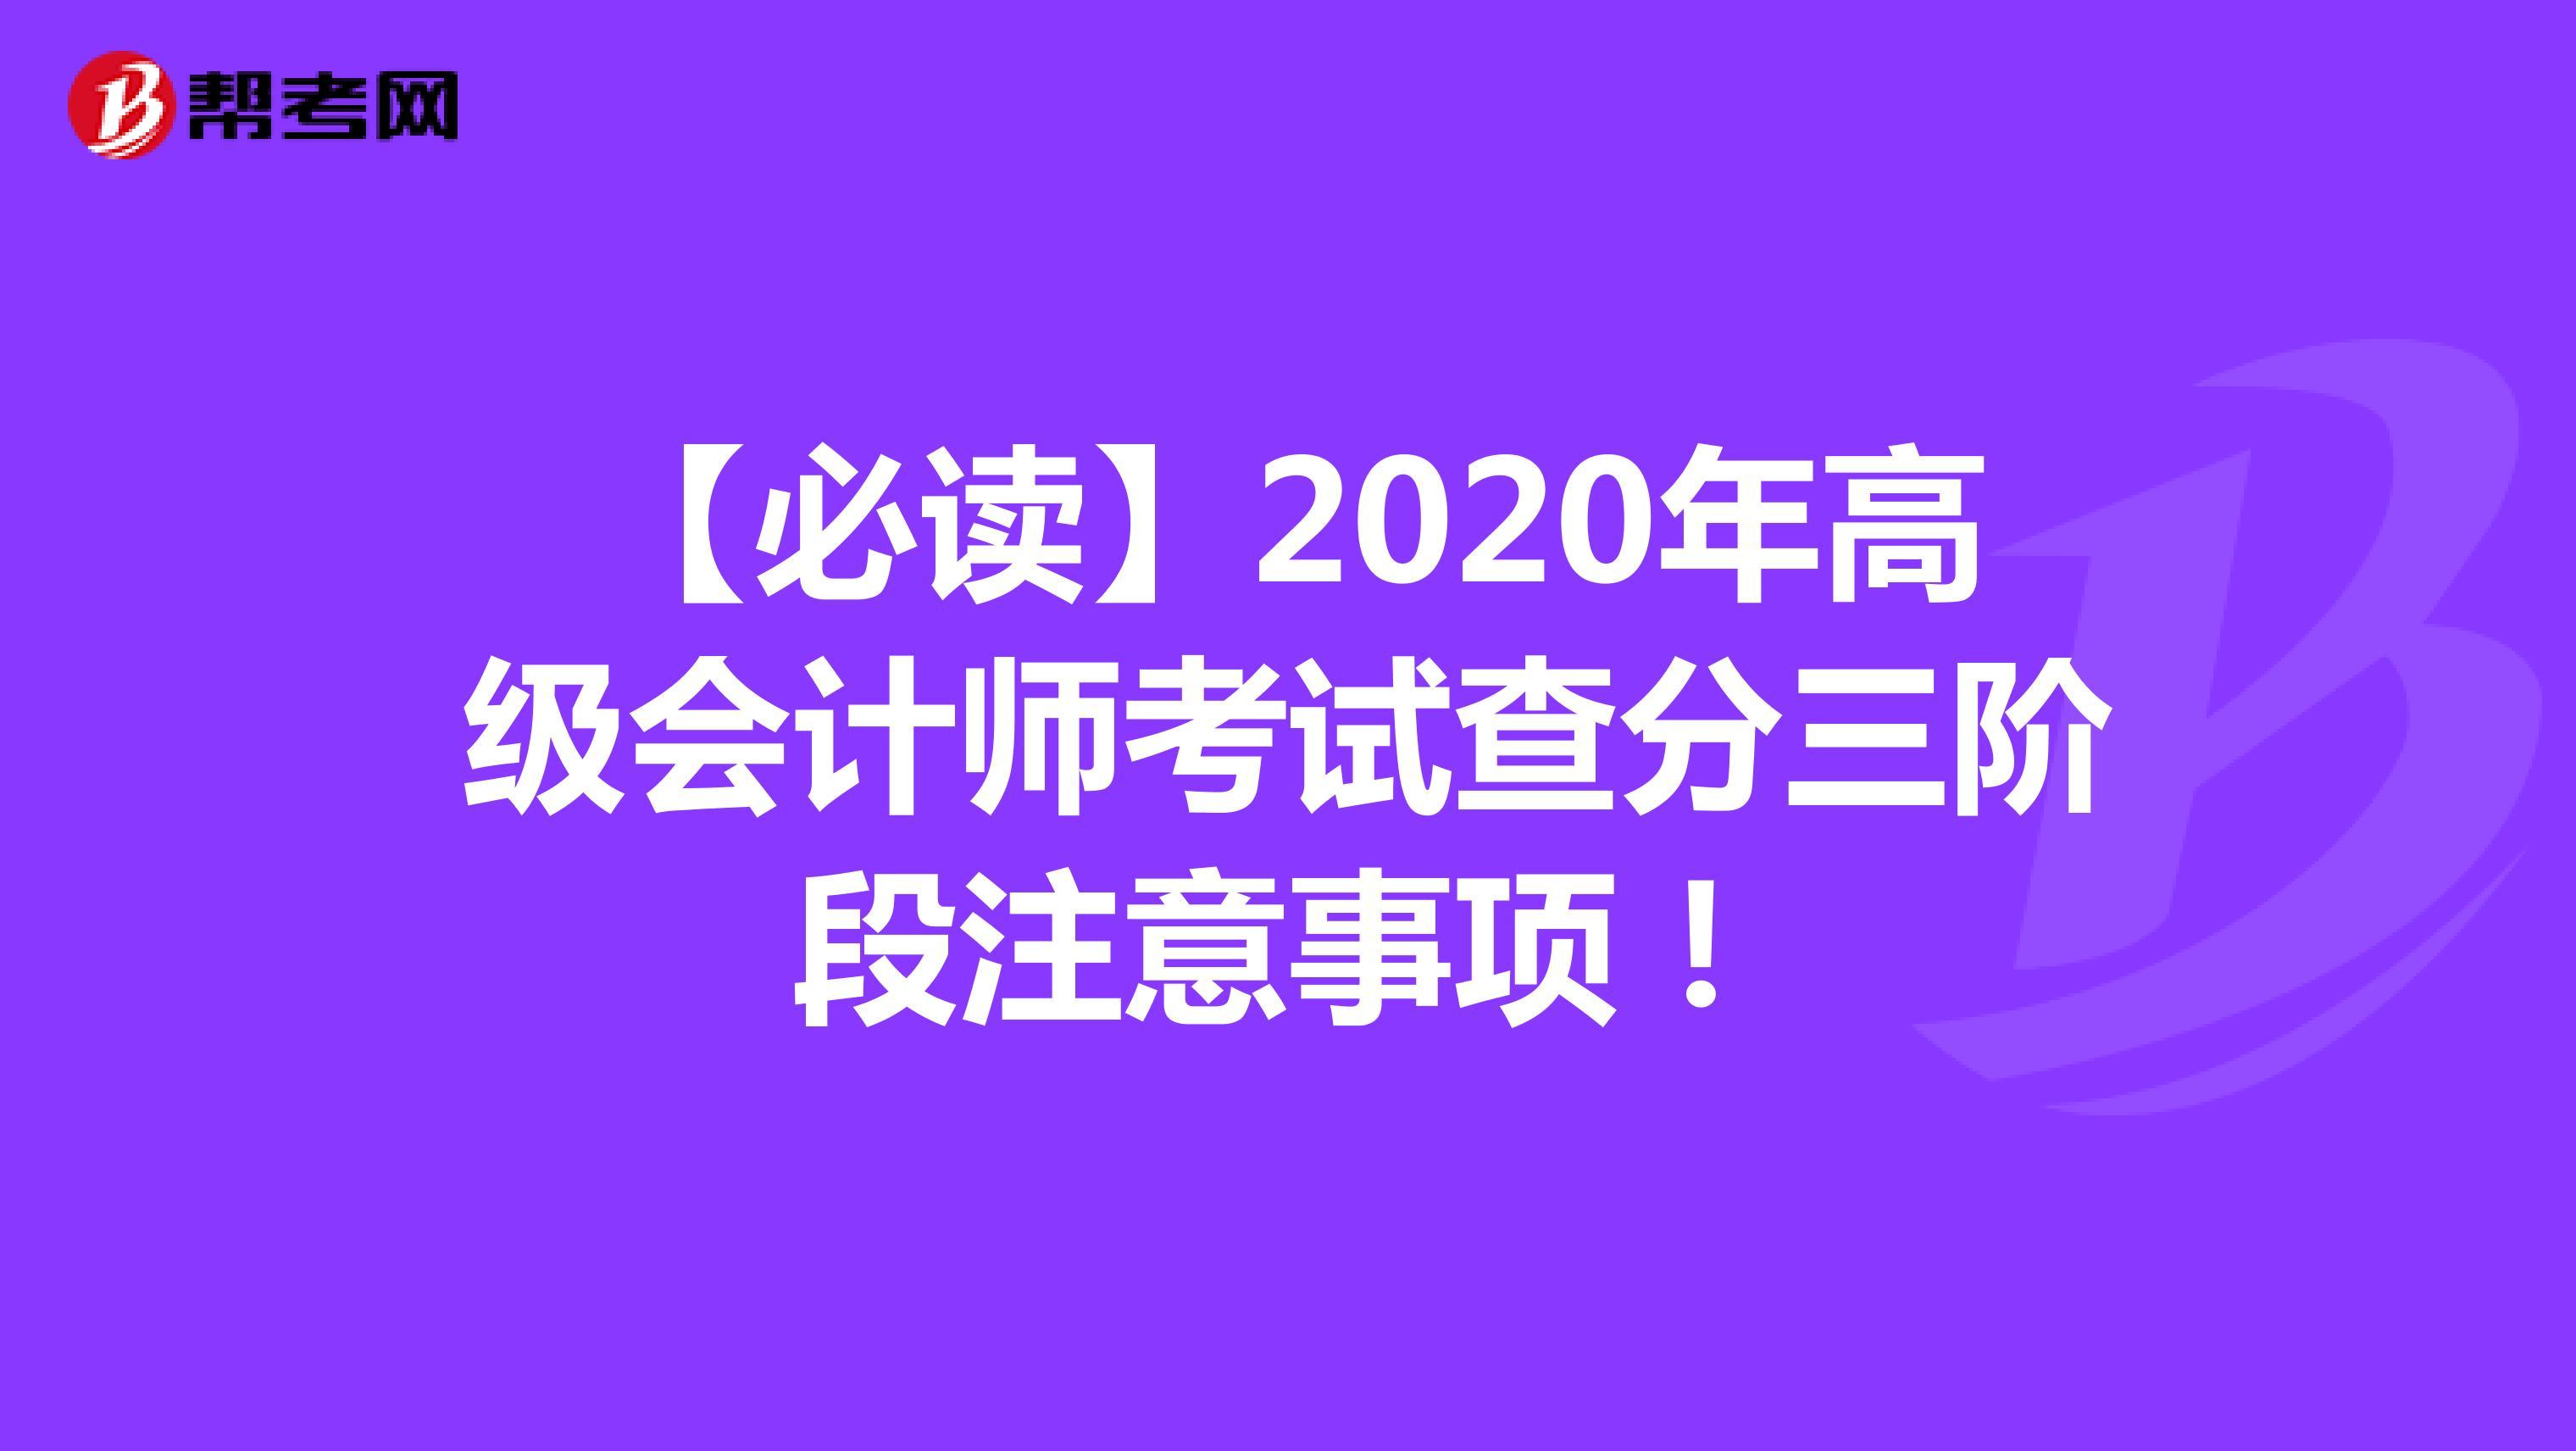 【必读】2020年高级会计师考试查分三阶段注意事项!